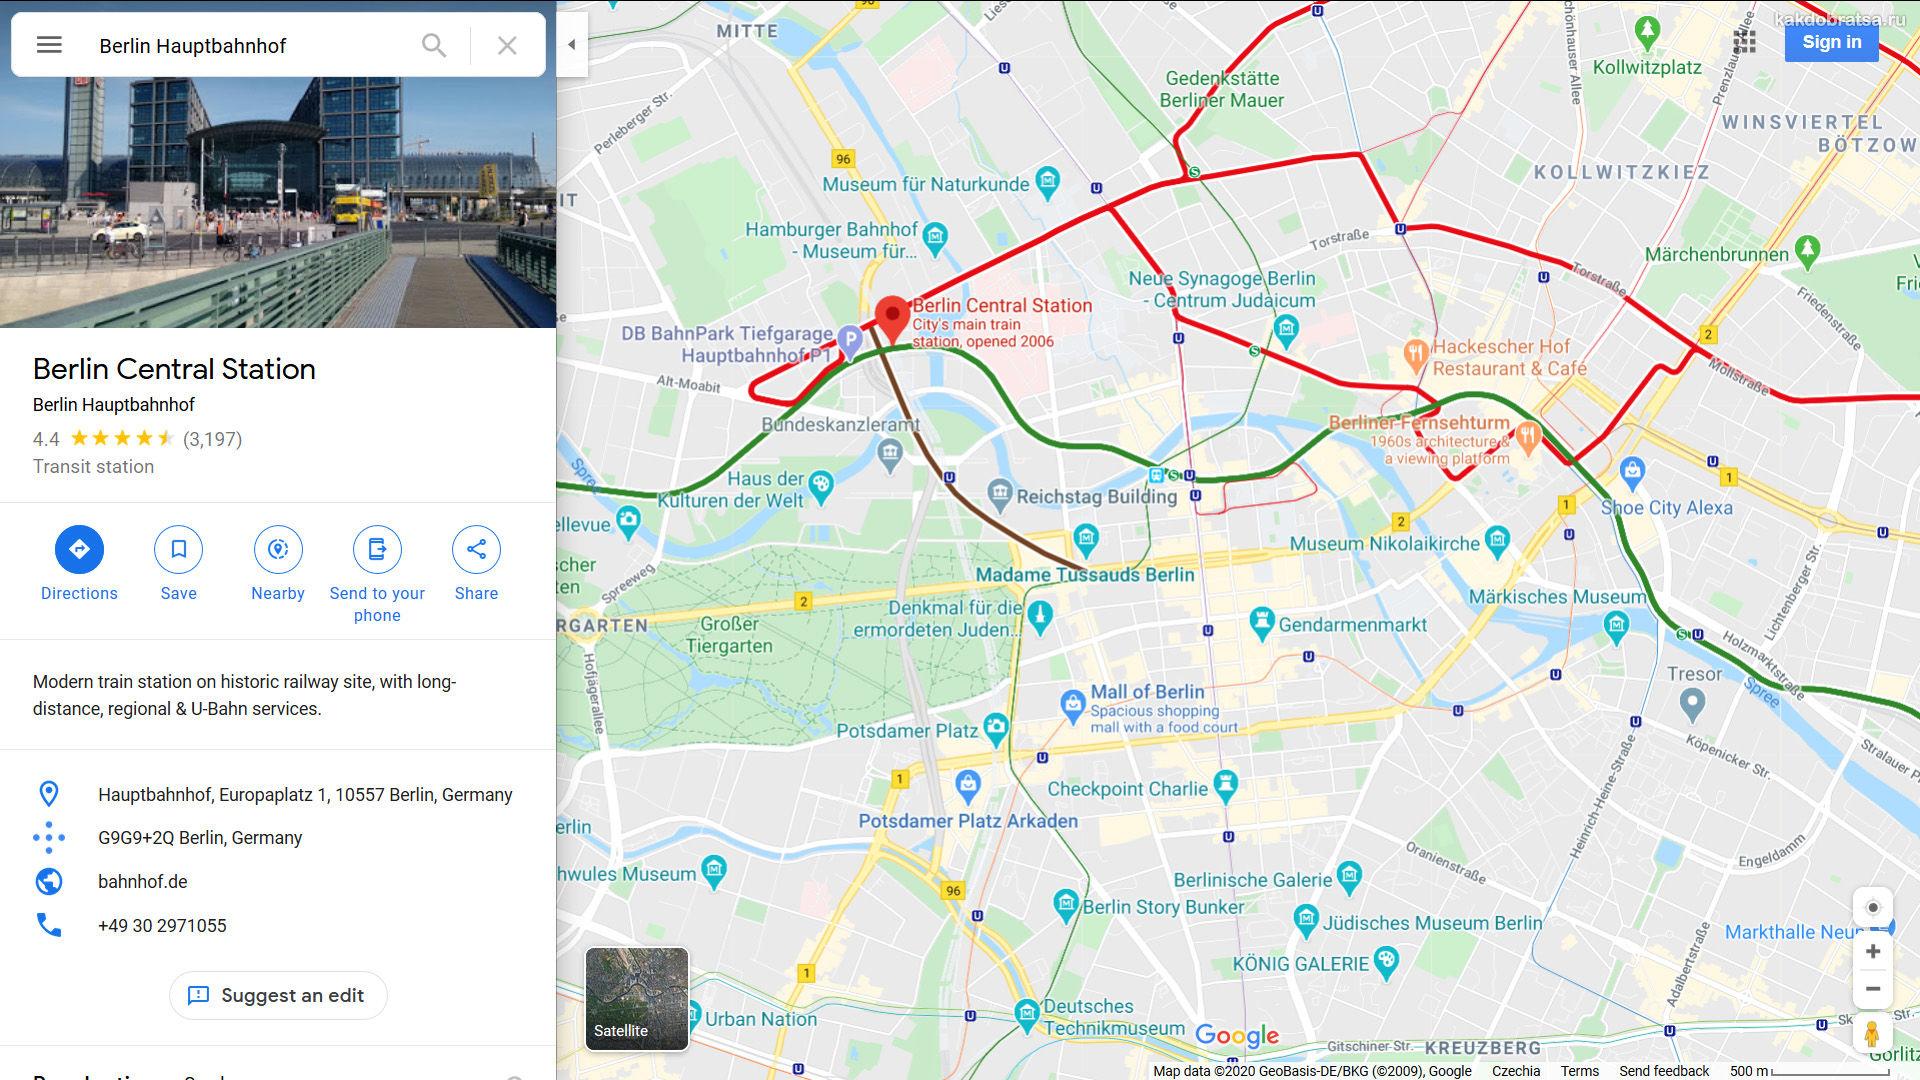 Центральный железнодорожный вокзал Берлина на карте